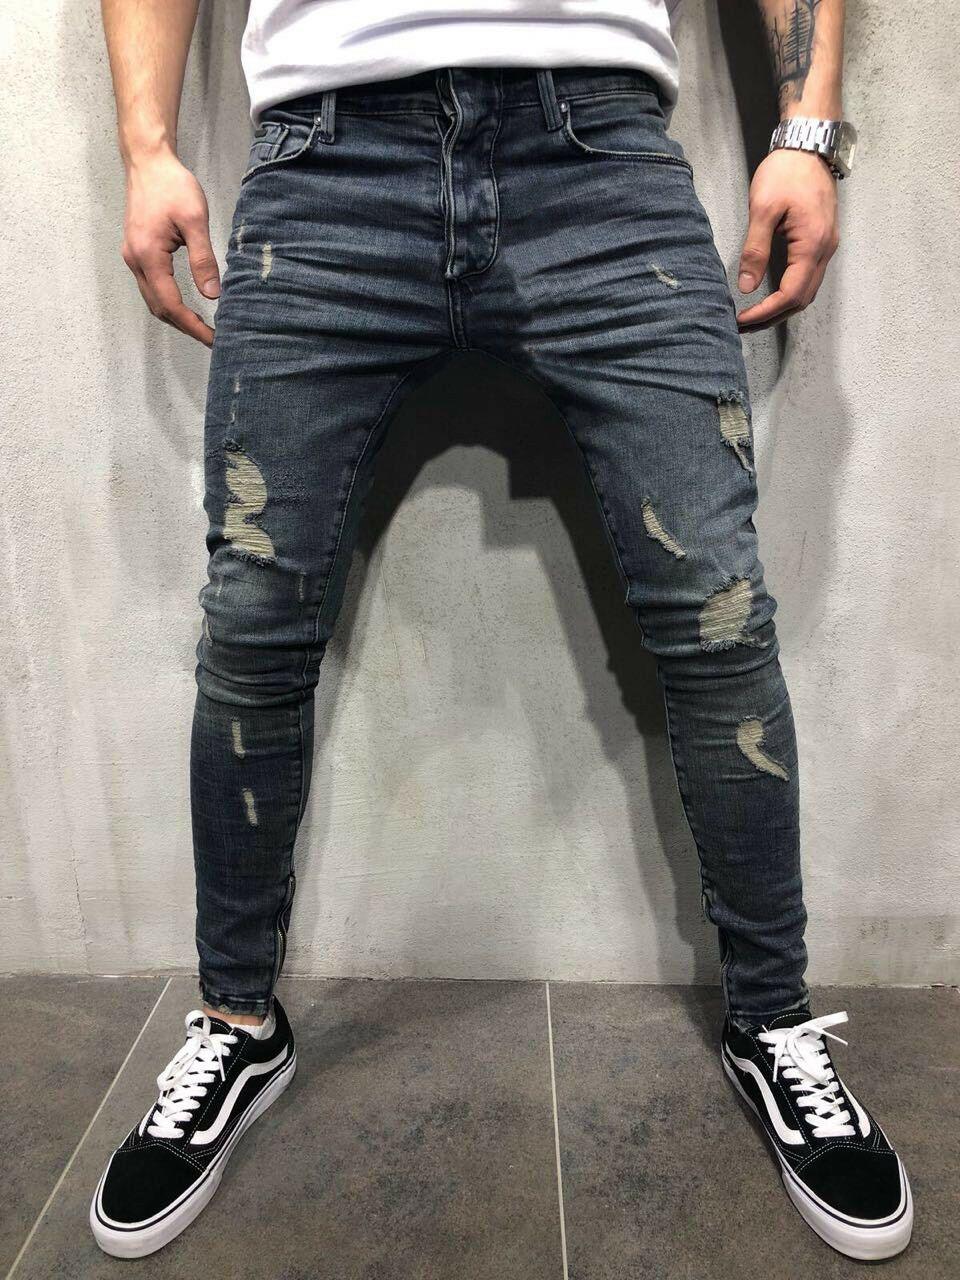 Pantalons pour hommes déchirés jeans extensible maigre slim fit pantalon en jean détruit effiloché pantalon effet effiloché de mode streetwear